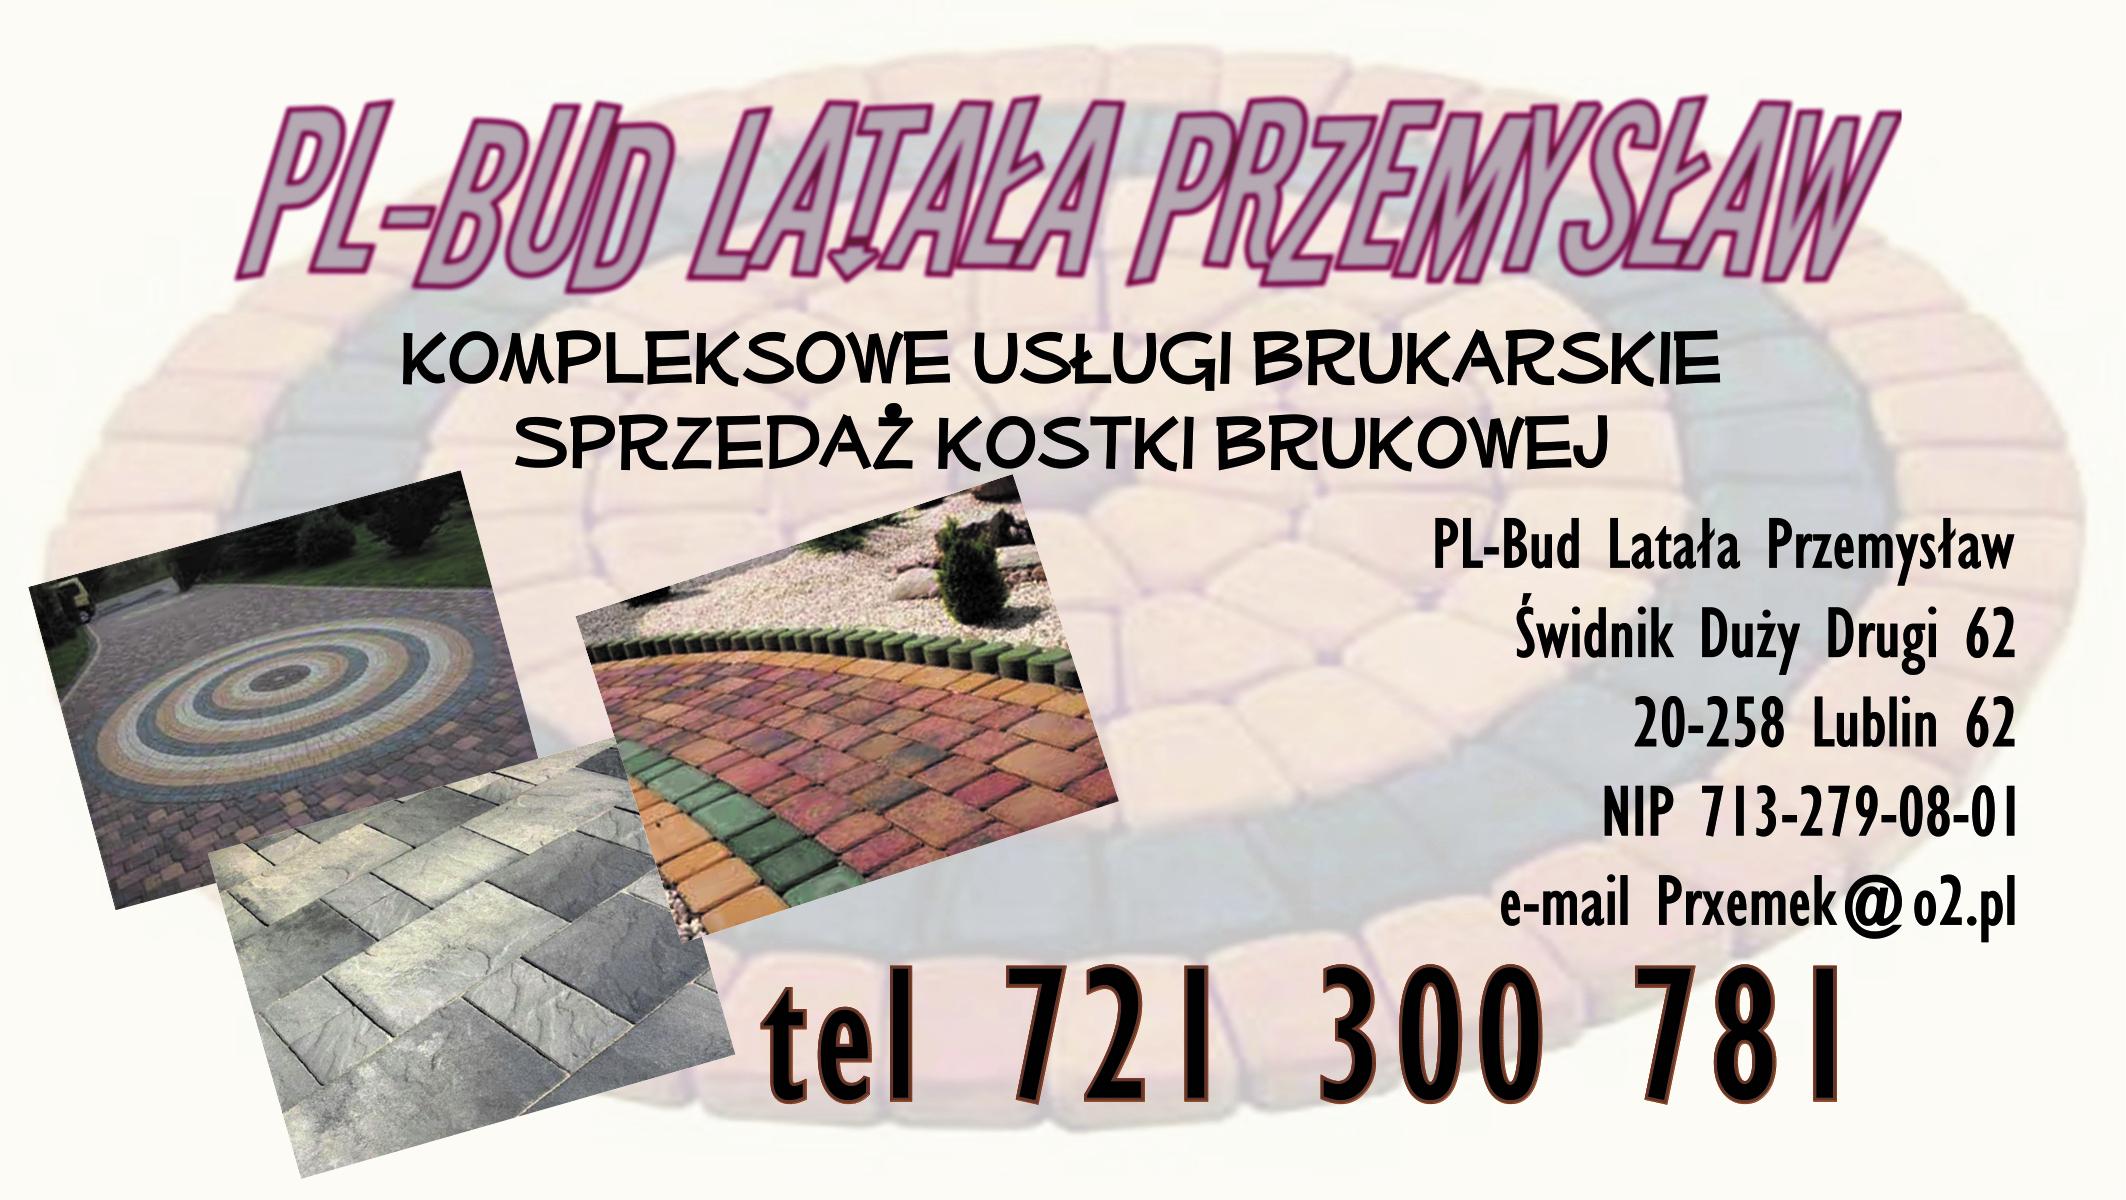 PL-Bud Latała Przemysław